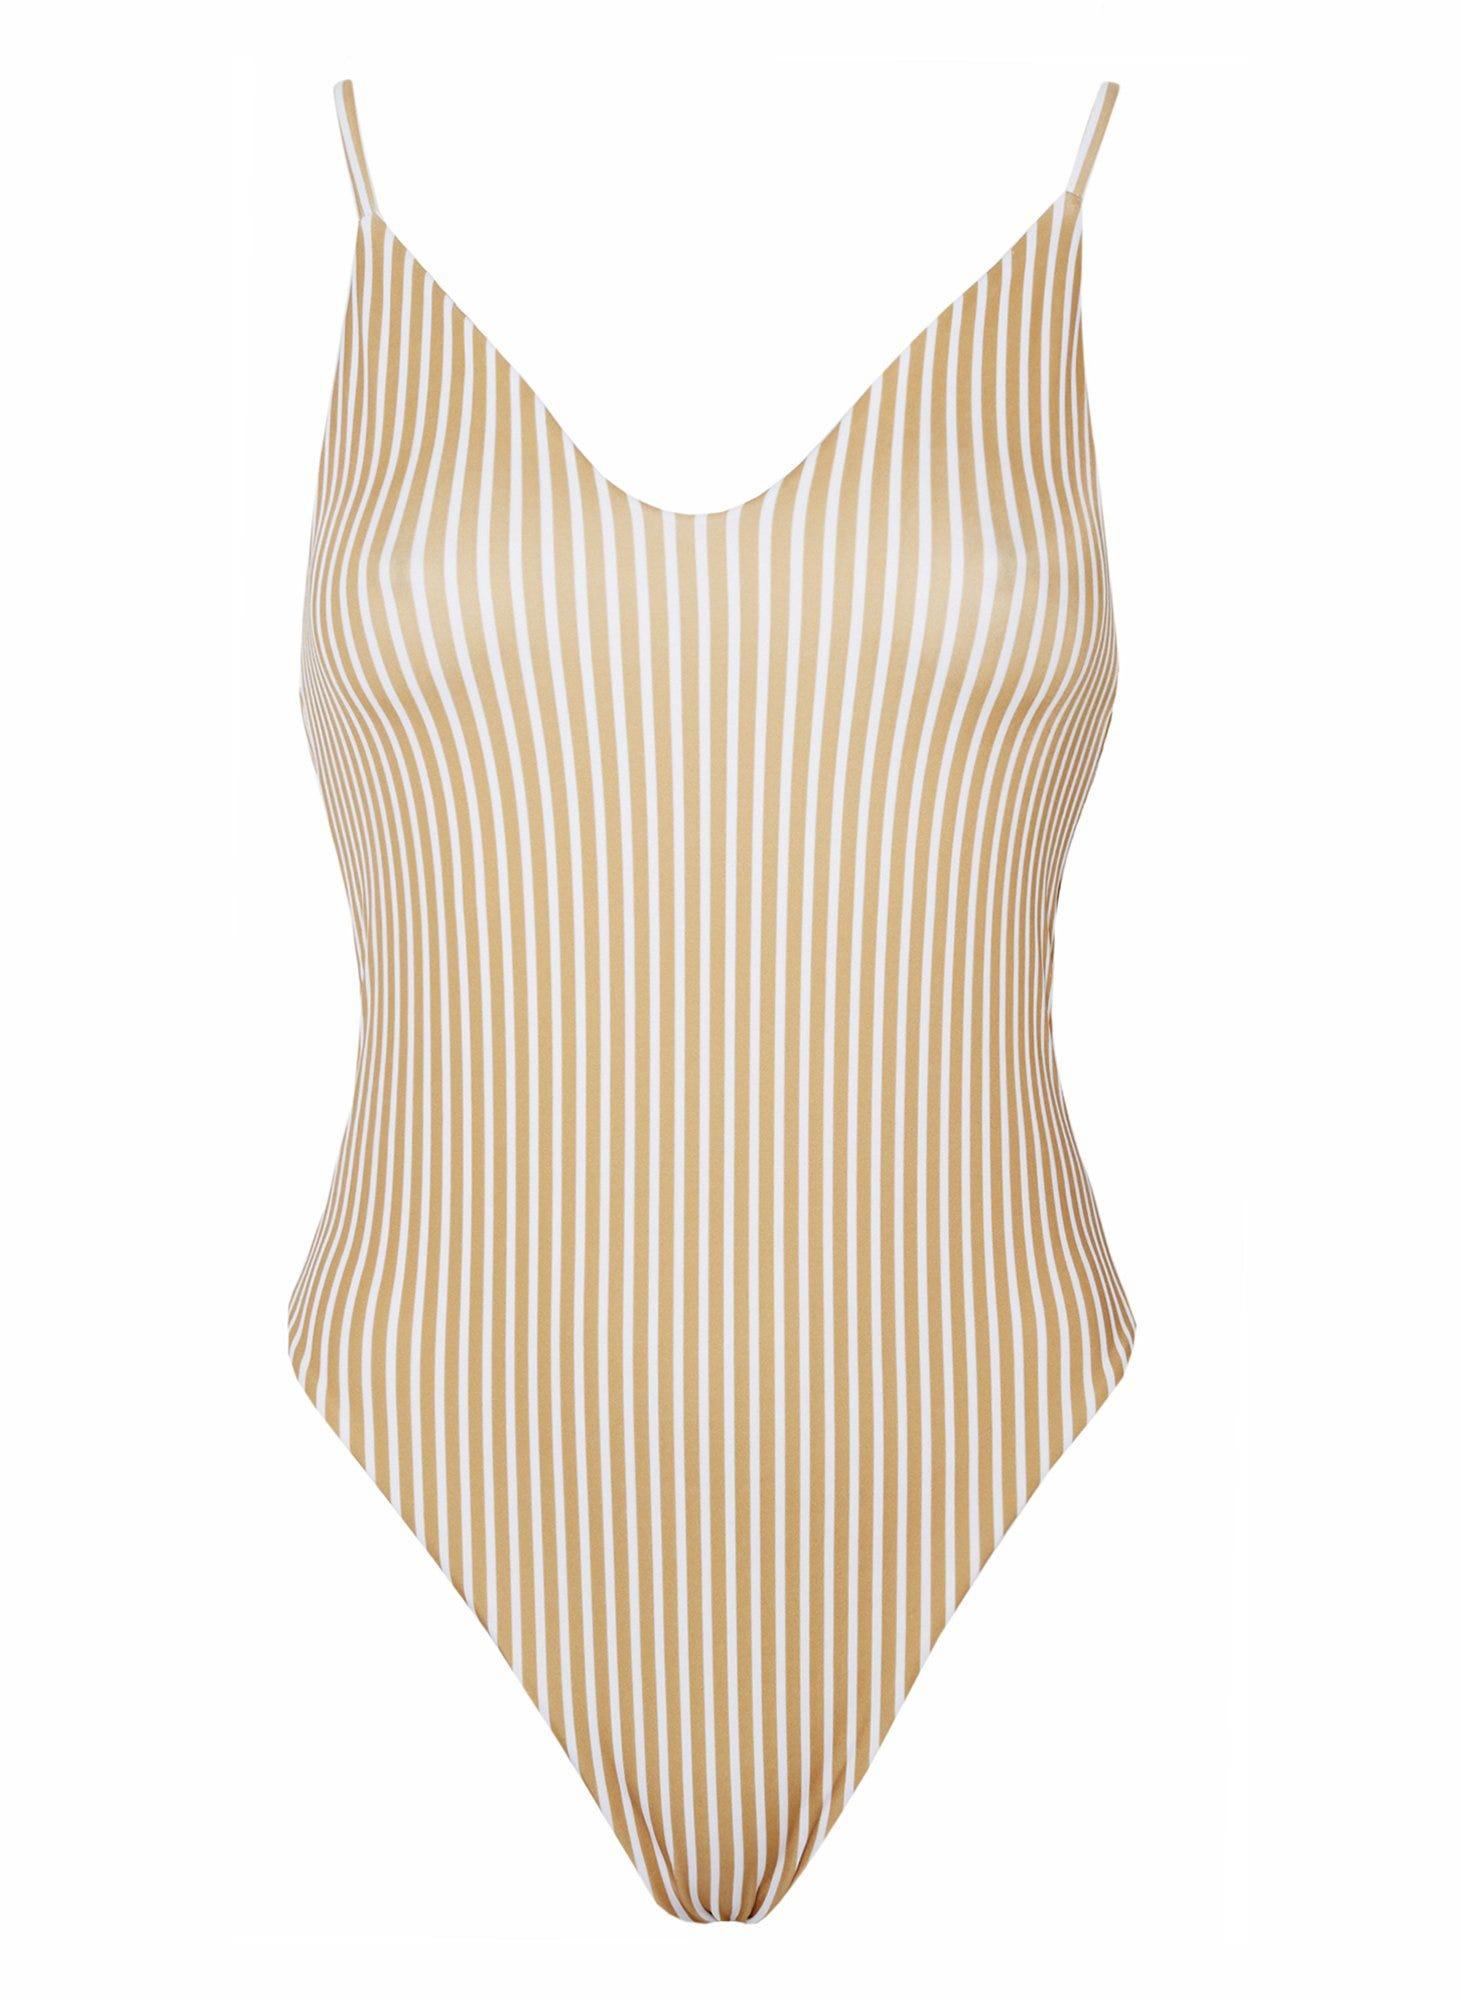 Fashion week H&m romance vintage swimwear for woman